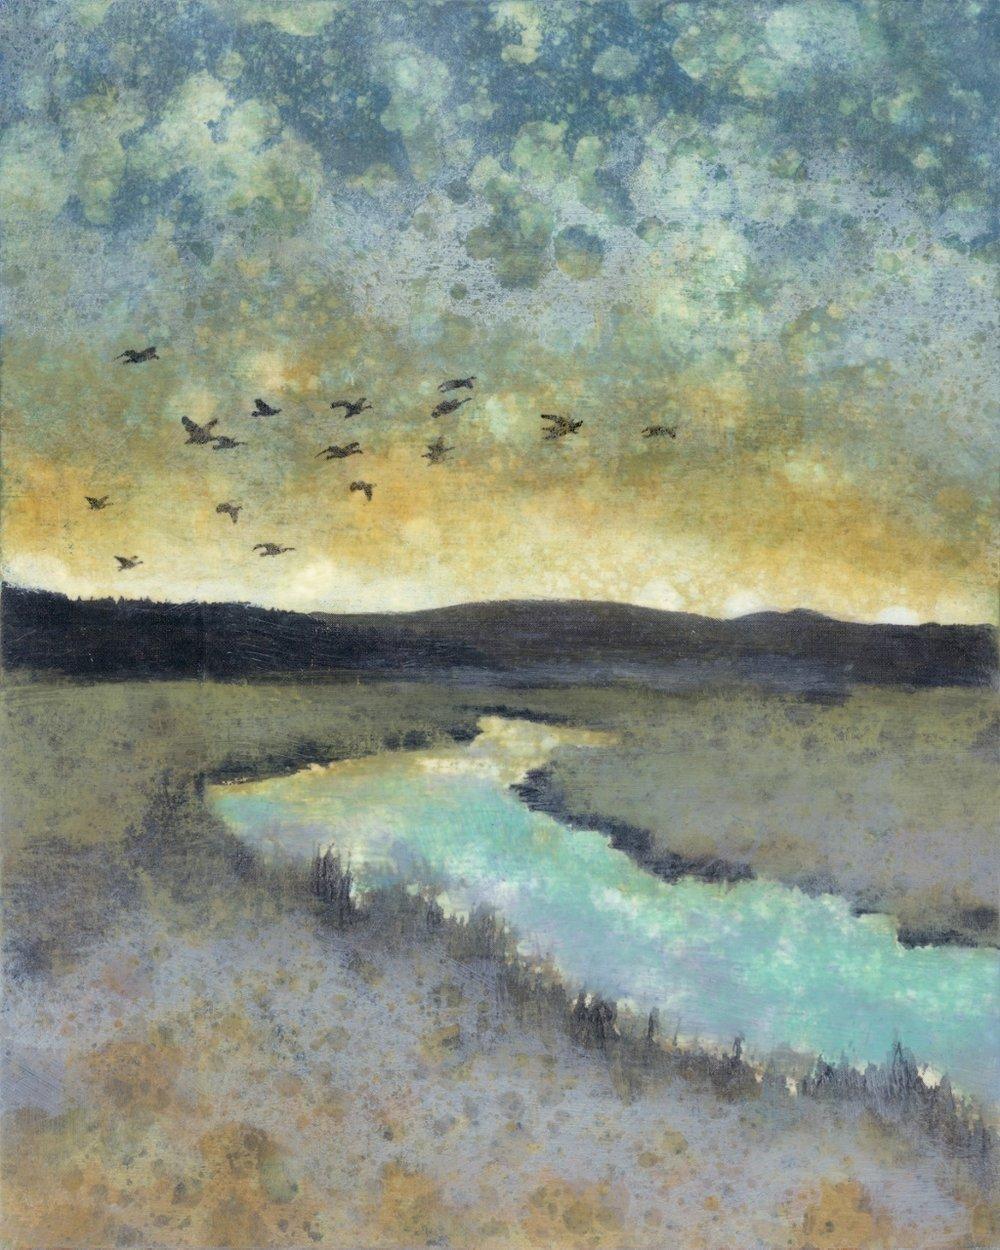 River Crossing, Rain Painting, JEni Lee, Columbia River (1024x1280).jpg